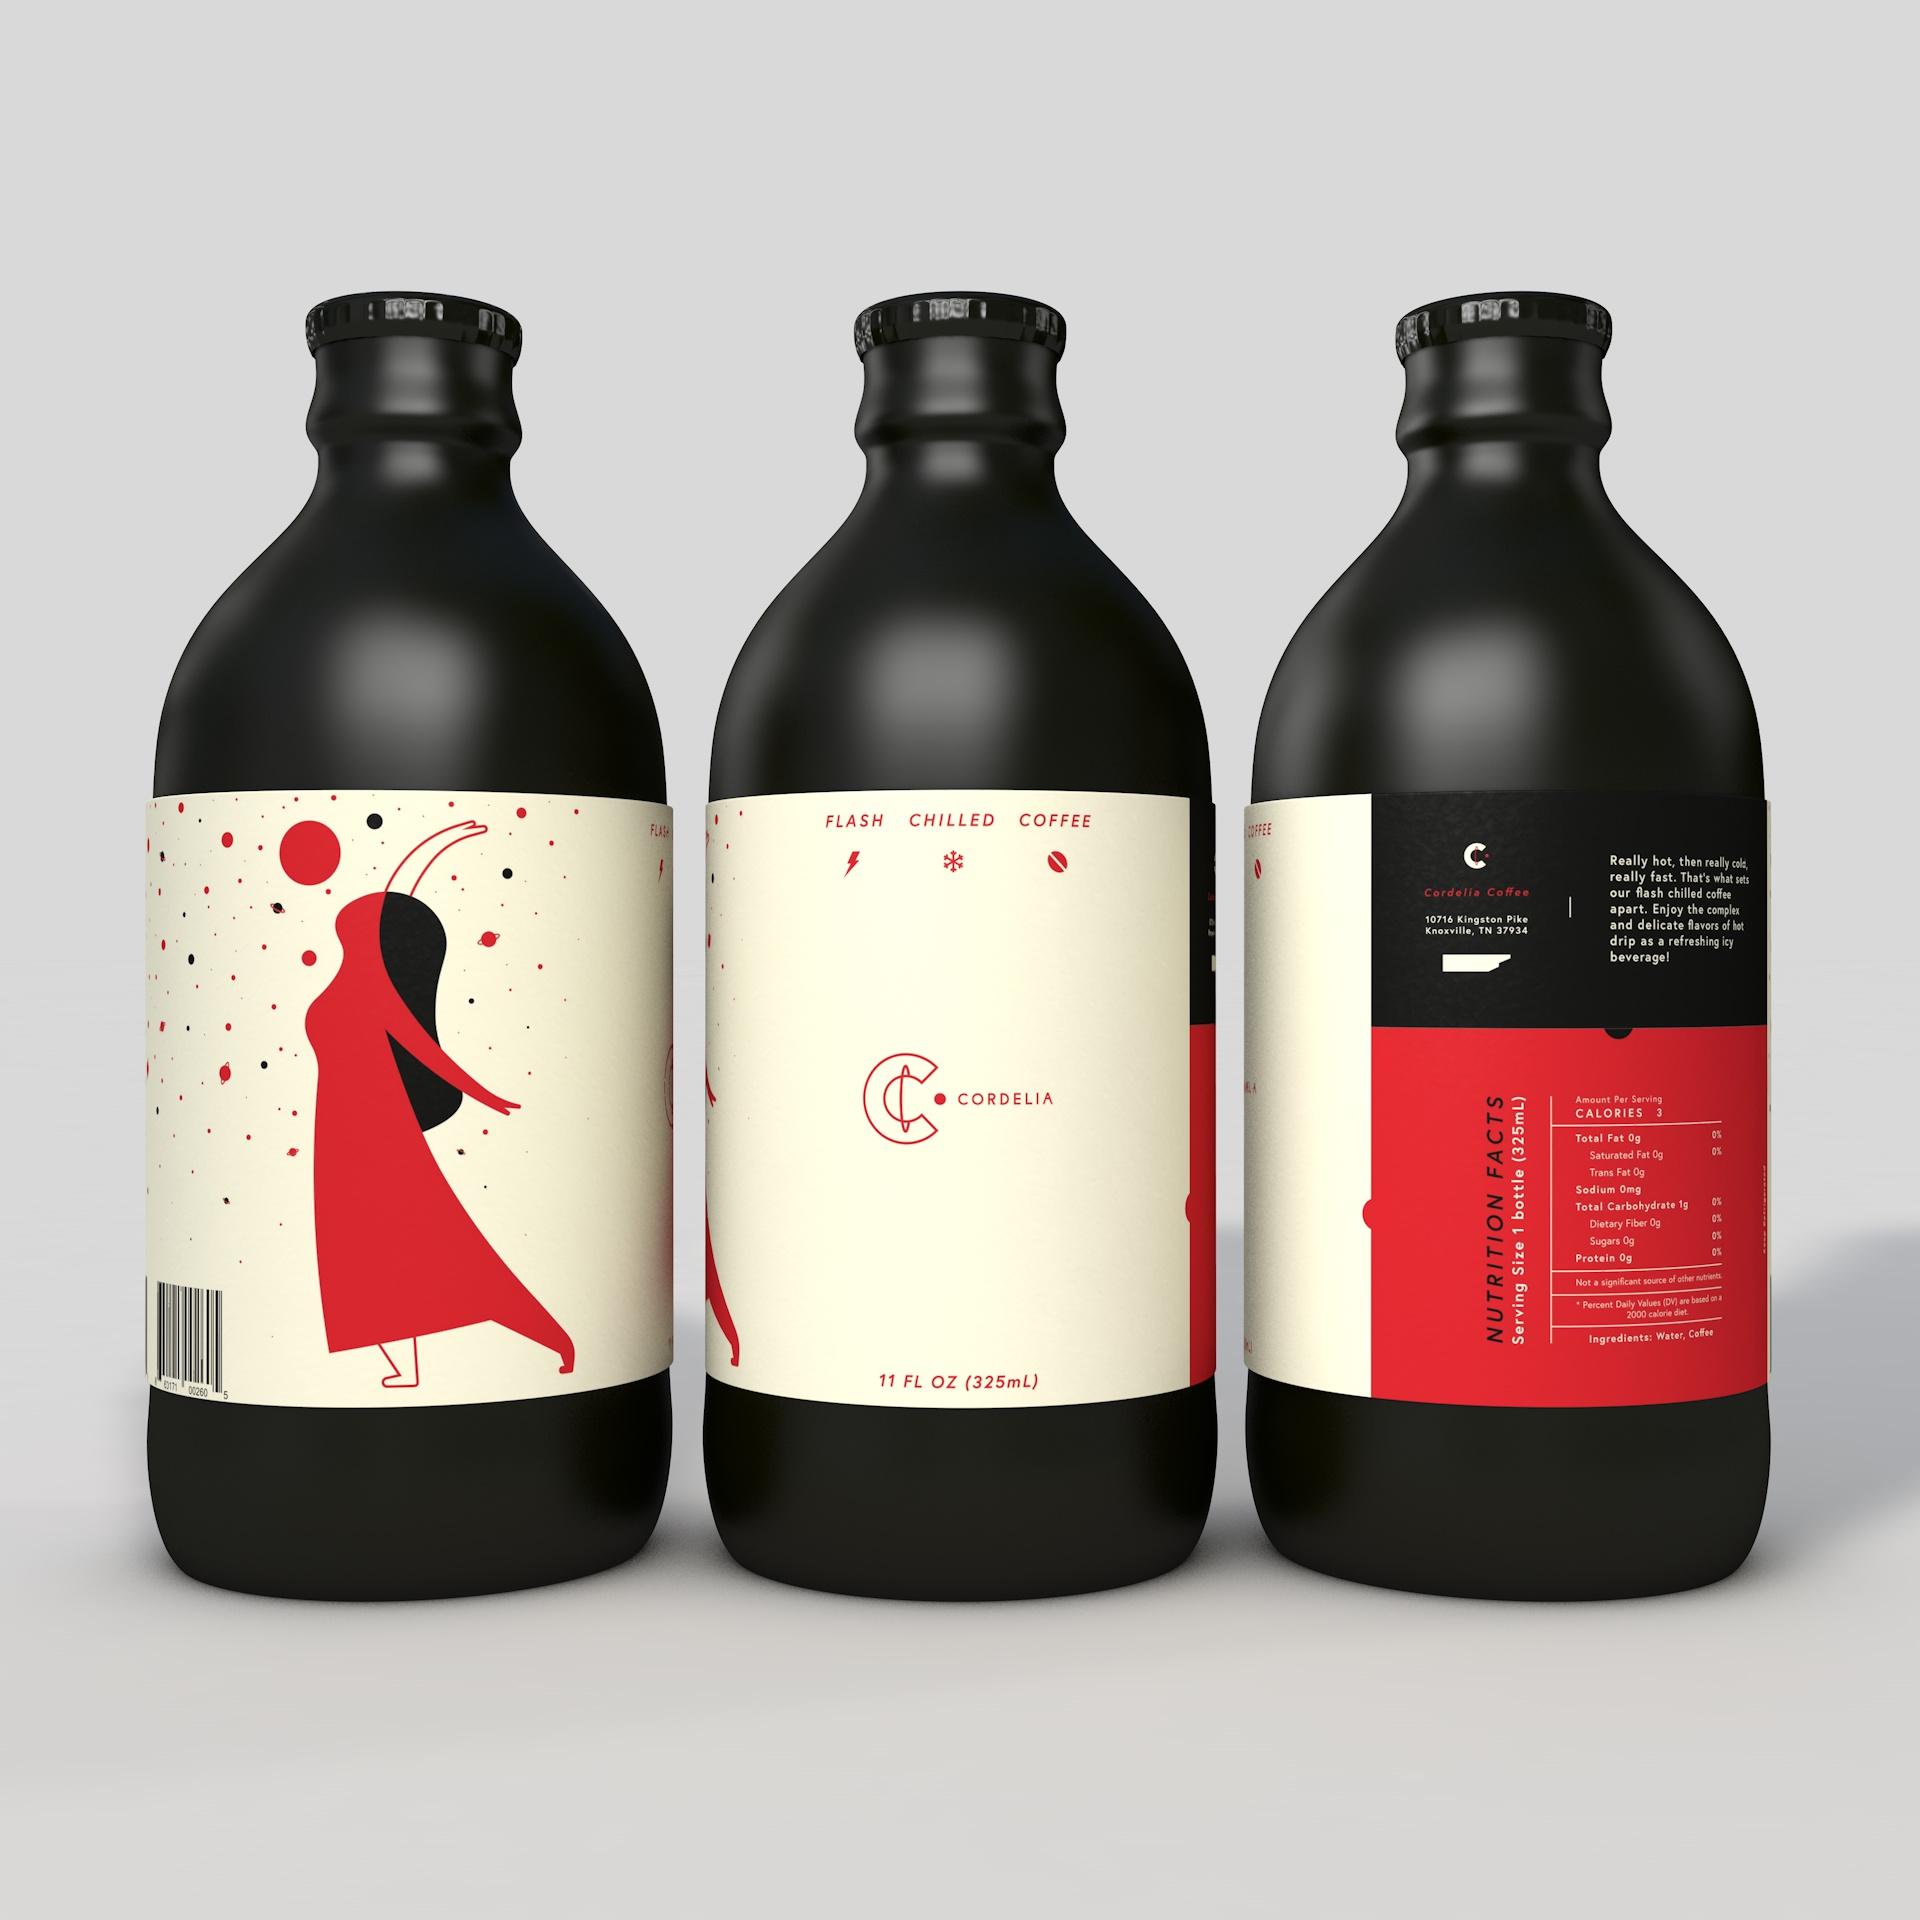 bottle_2_2_red0024.jpg